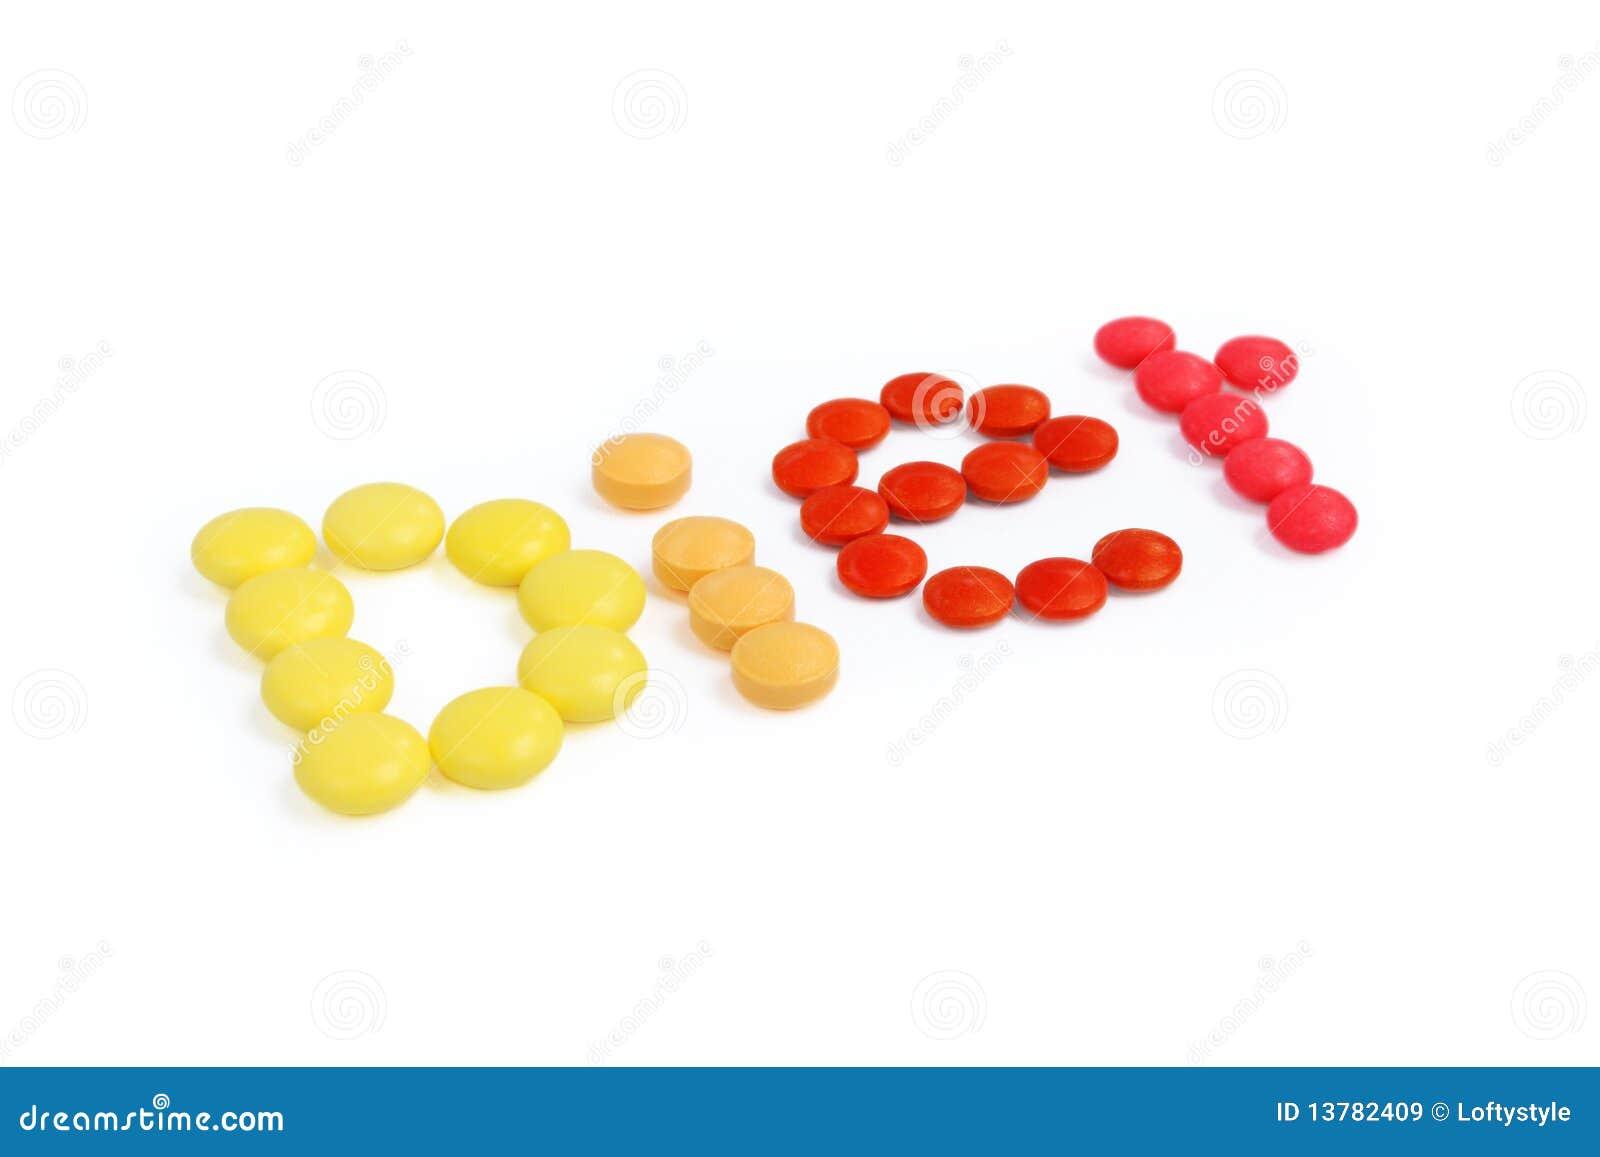 Pills diet